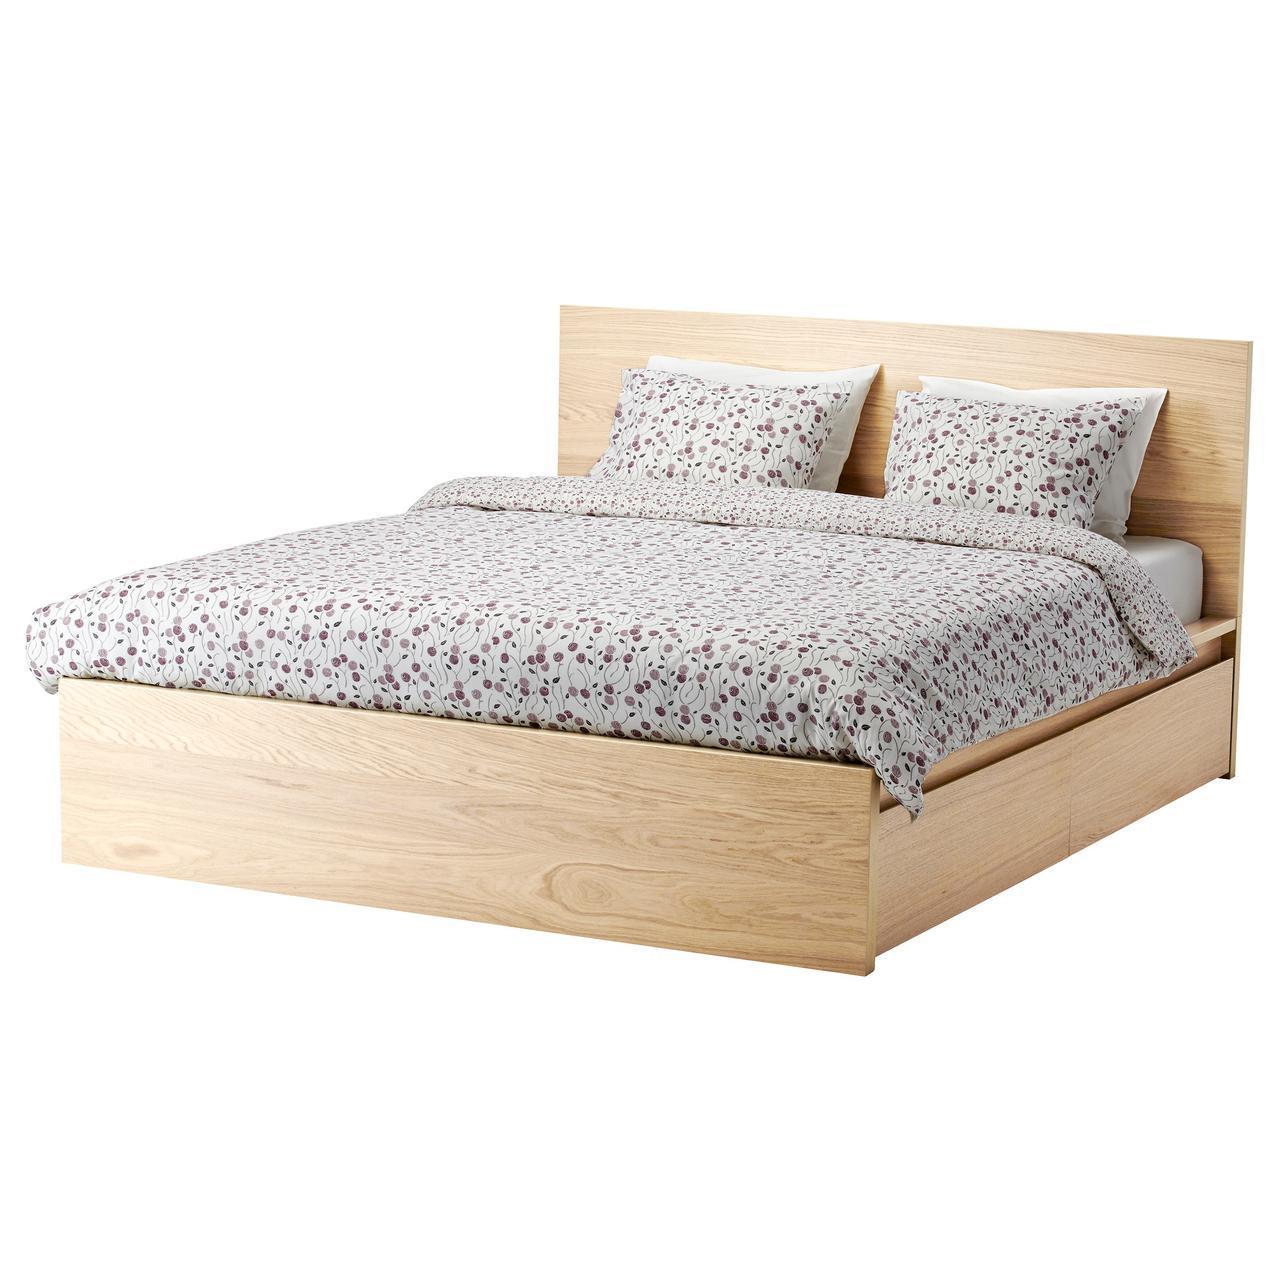 IKEA MALM (990.226.68) Кровать, высокий, 4 контейнера, шпон, окрашенный в белый цвет